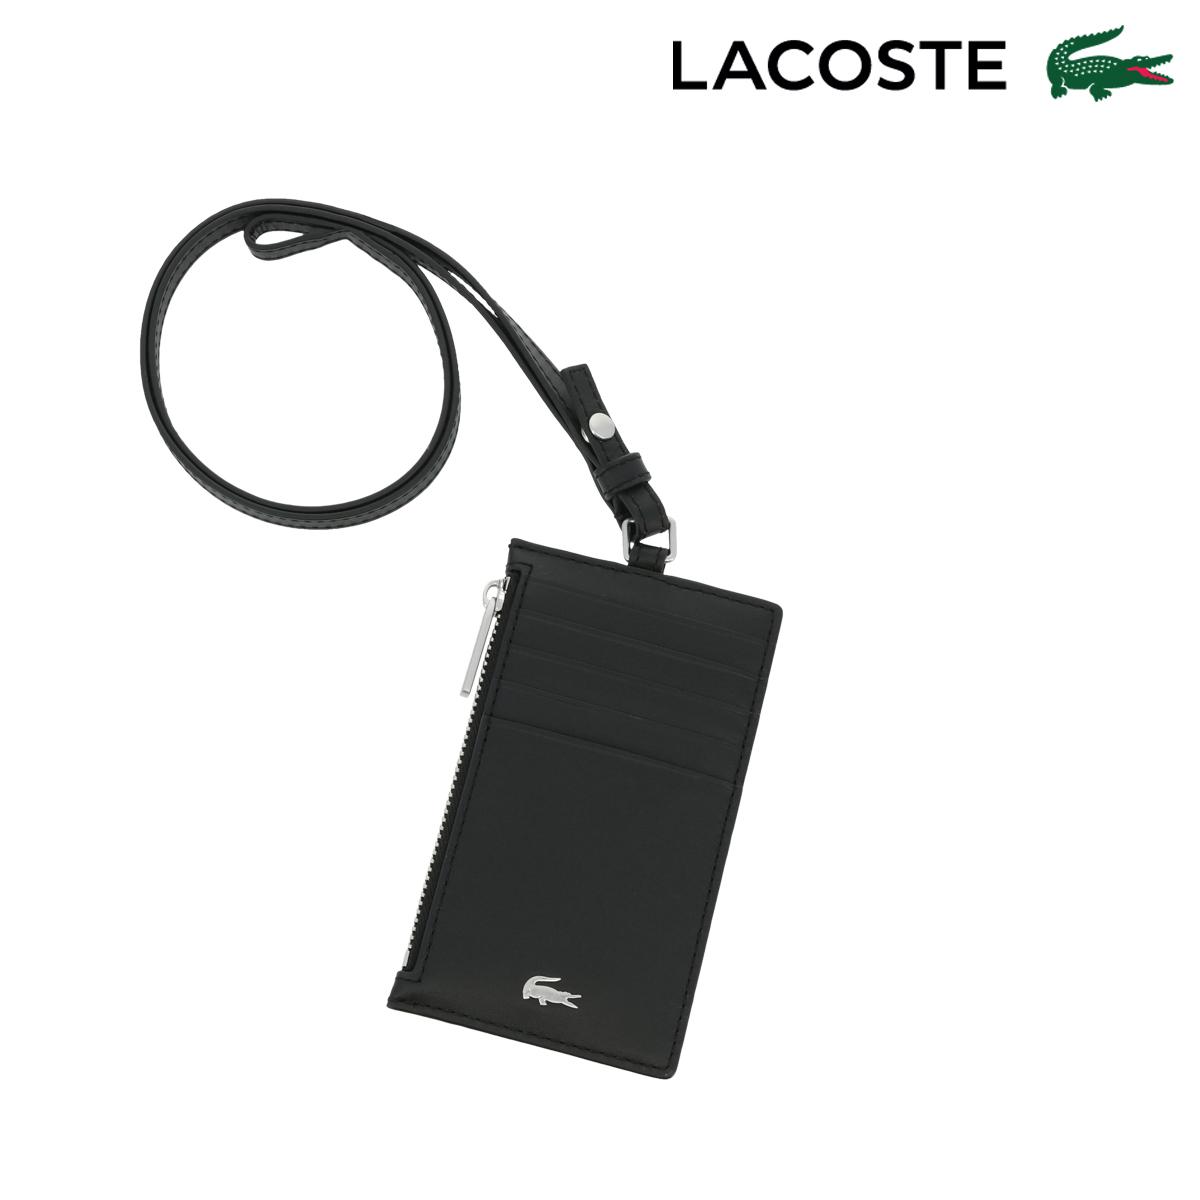 ラコステ カードケース ストラップ FG メンズ NH3159F LACOSTE | フラグメントケース 牛革 本革 レザー[PO10][即日発送]